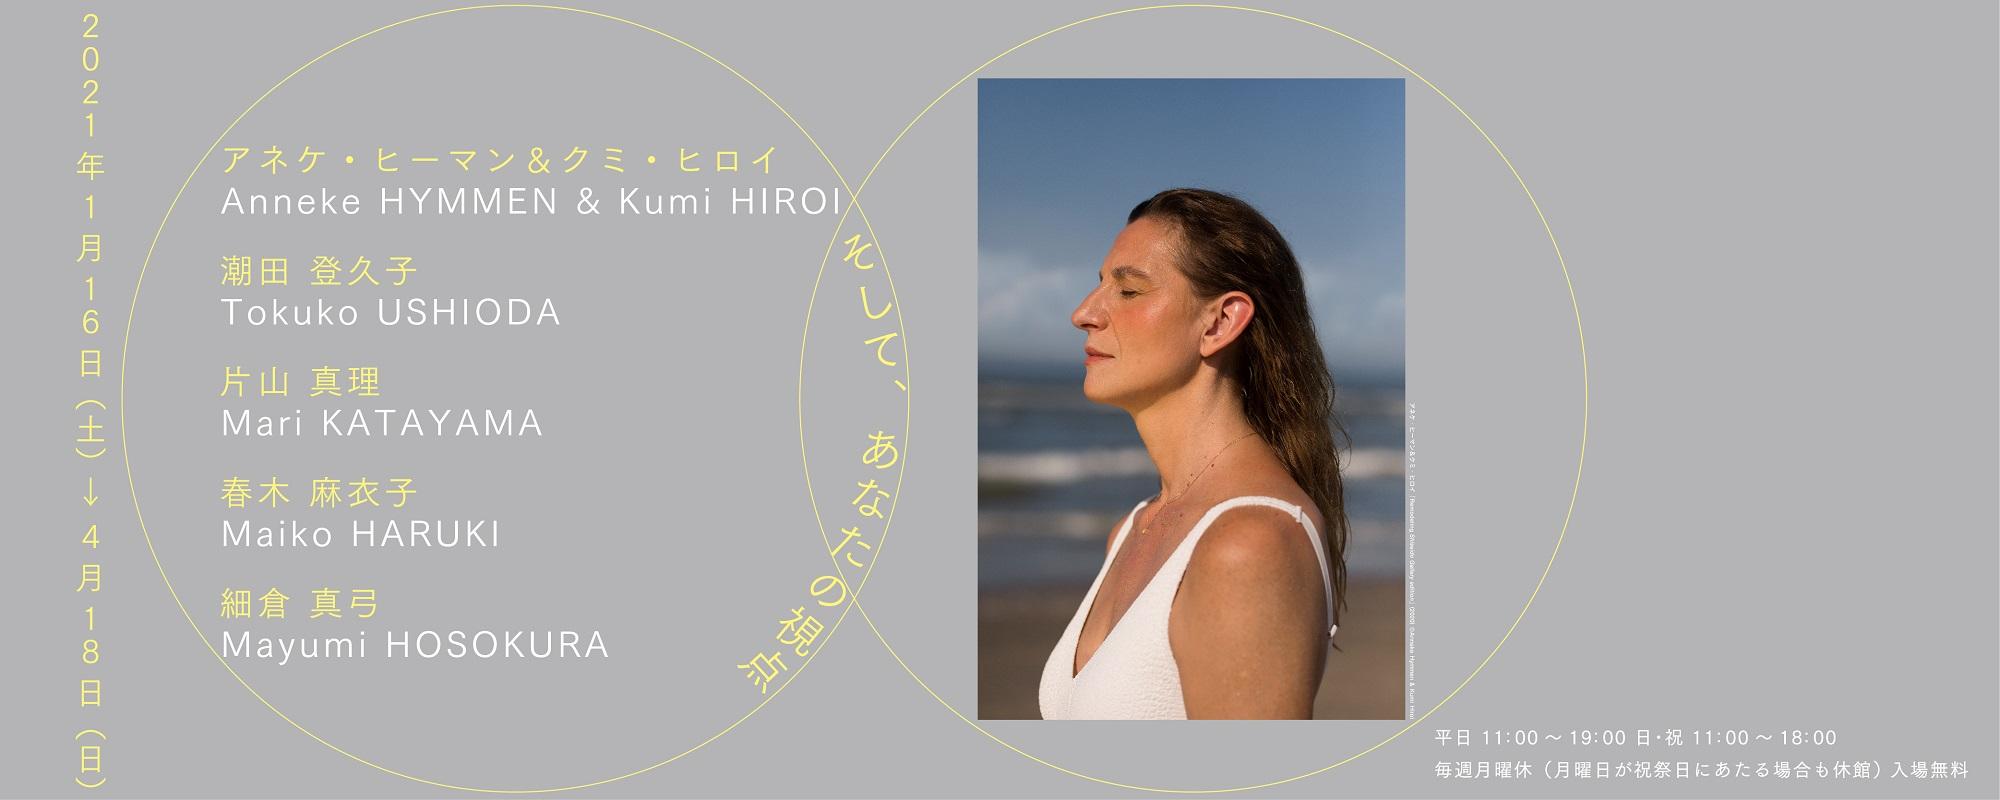 Anneke Hymmen & Kumi Hiroi, Tokuko Ushioda, Mari Katayama, Maiko Haruki, Mayumi Hosokura, and Your Perspectives (tentative)